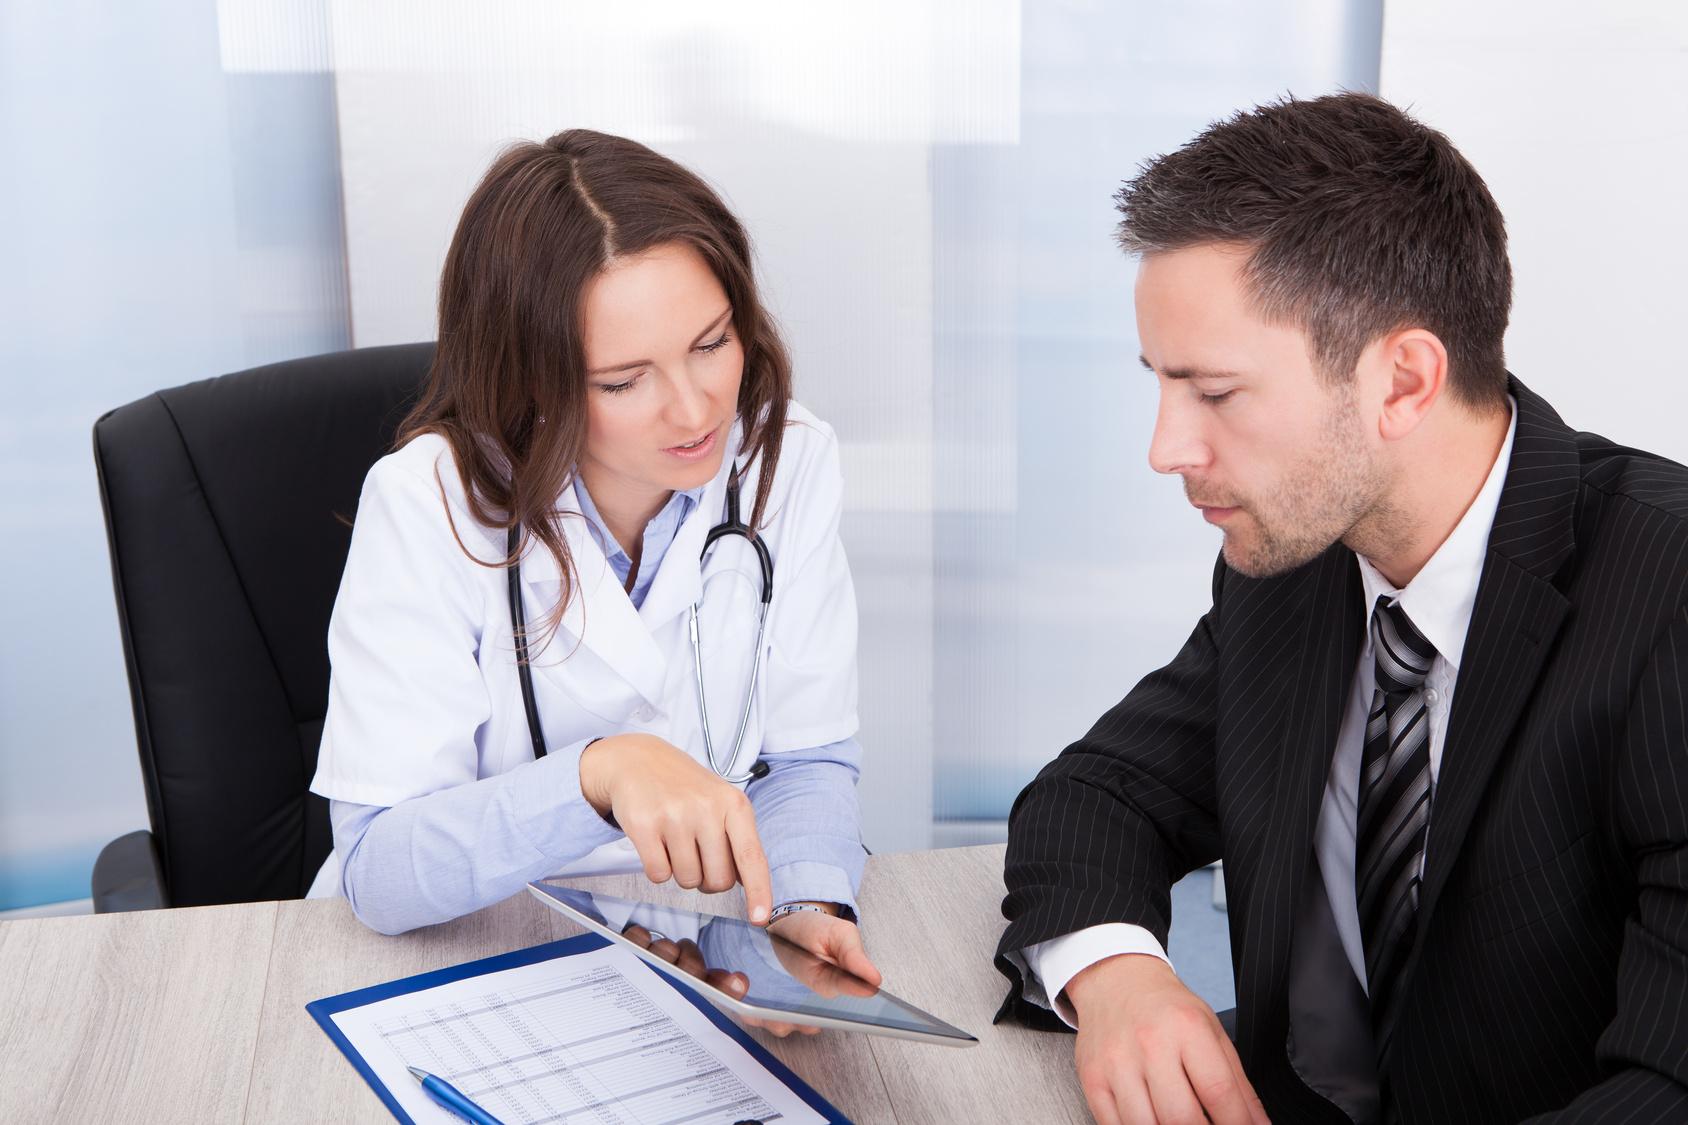 Le suivi médical individuel